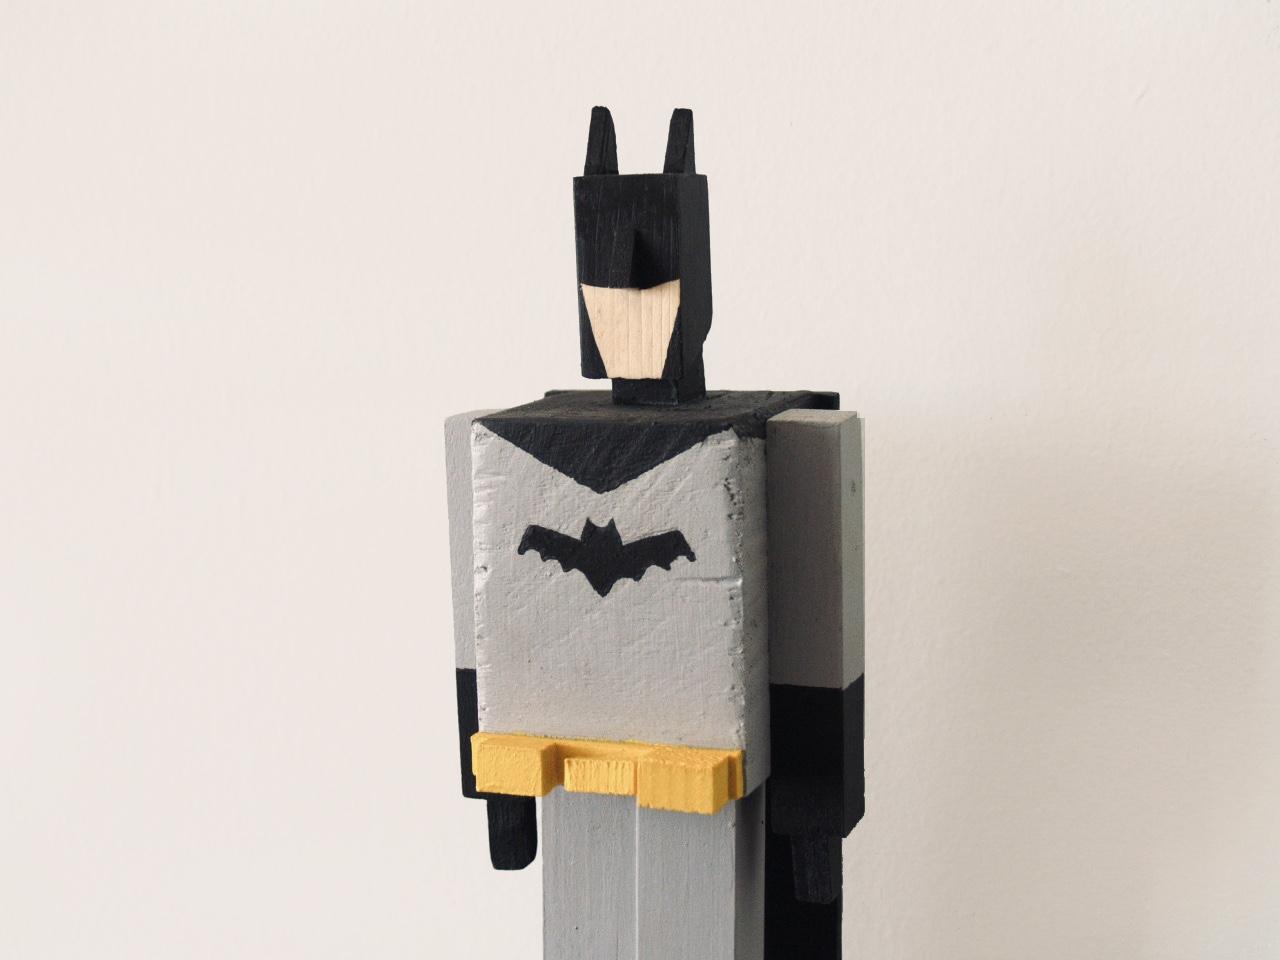 Batman de madera